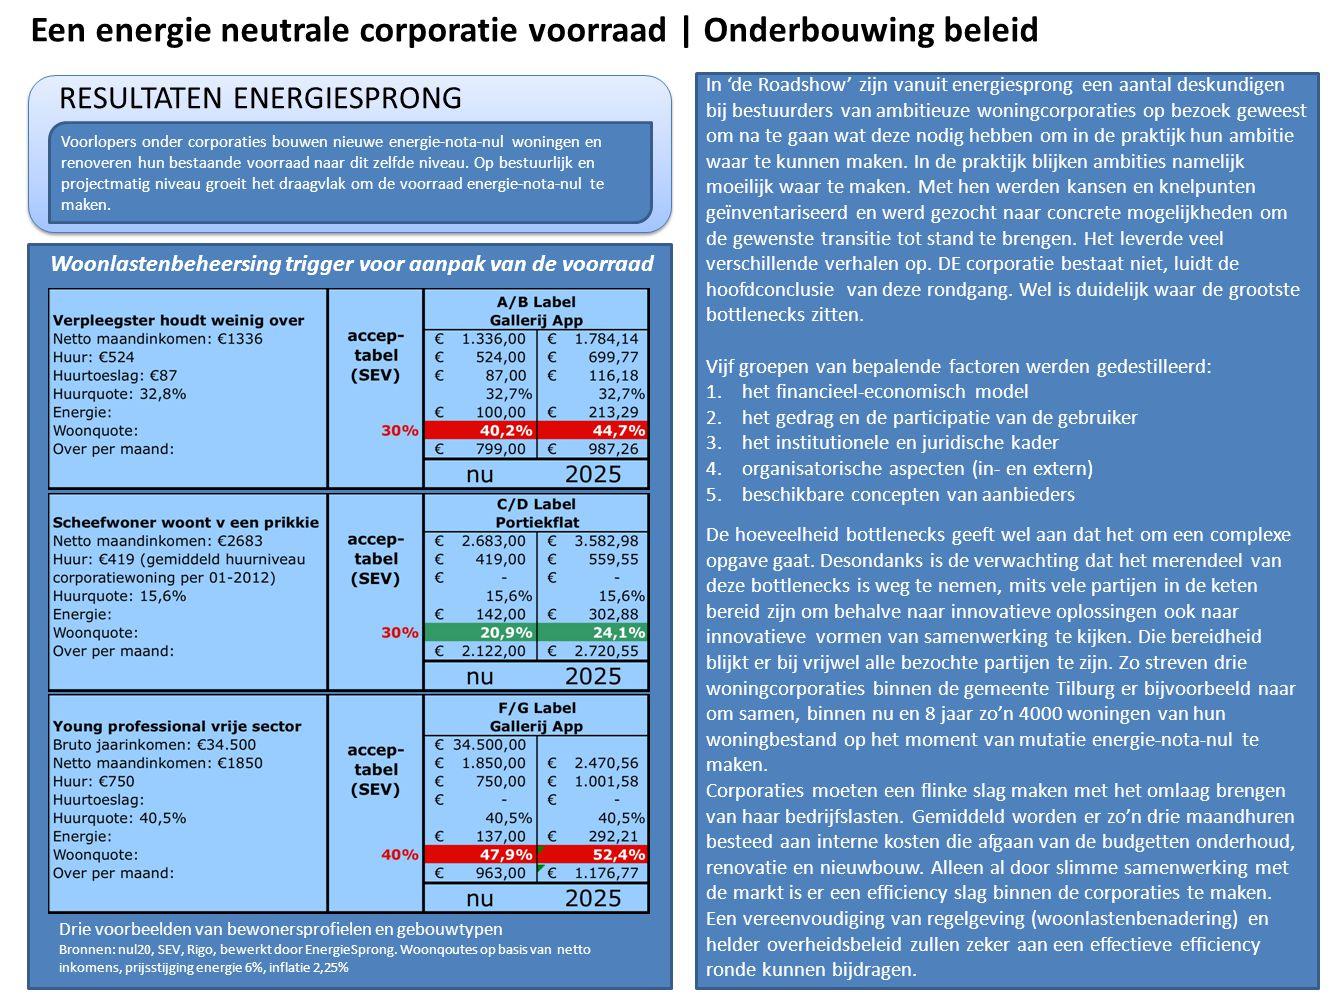 Een energie neutrale corporatie voorraad | Doorrekening Op basis van het SEV-model voor de sector is een eerste doorrekening gemaakt van de consequenties van het verbeteren van de woningvoorraad naar energie-nota-nul.